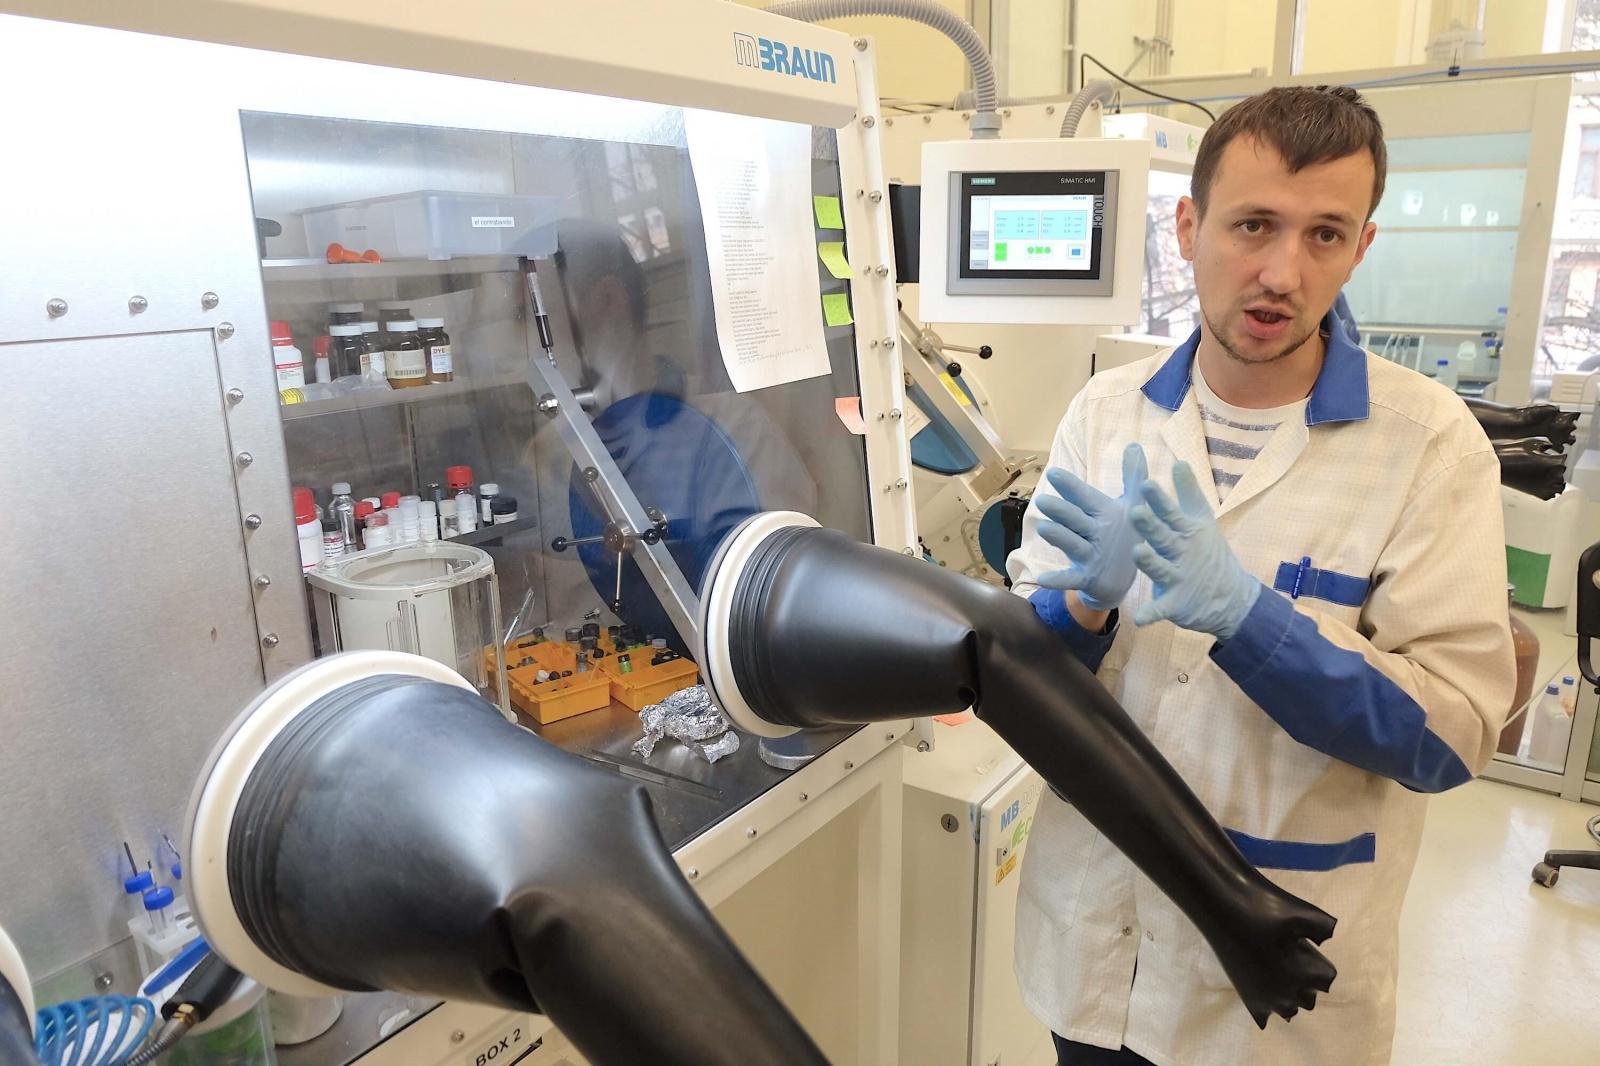 Фотоэкскурсия: что делают в лаборатории гибридной нанофотоники и оптоэлектроники Нового физтеха ИТМО - 10